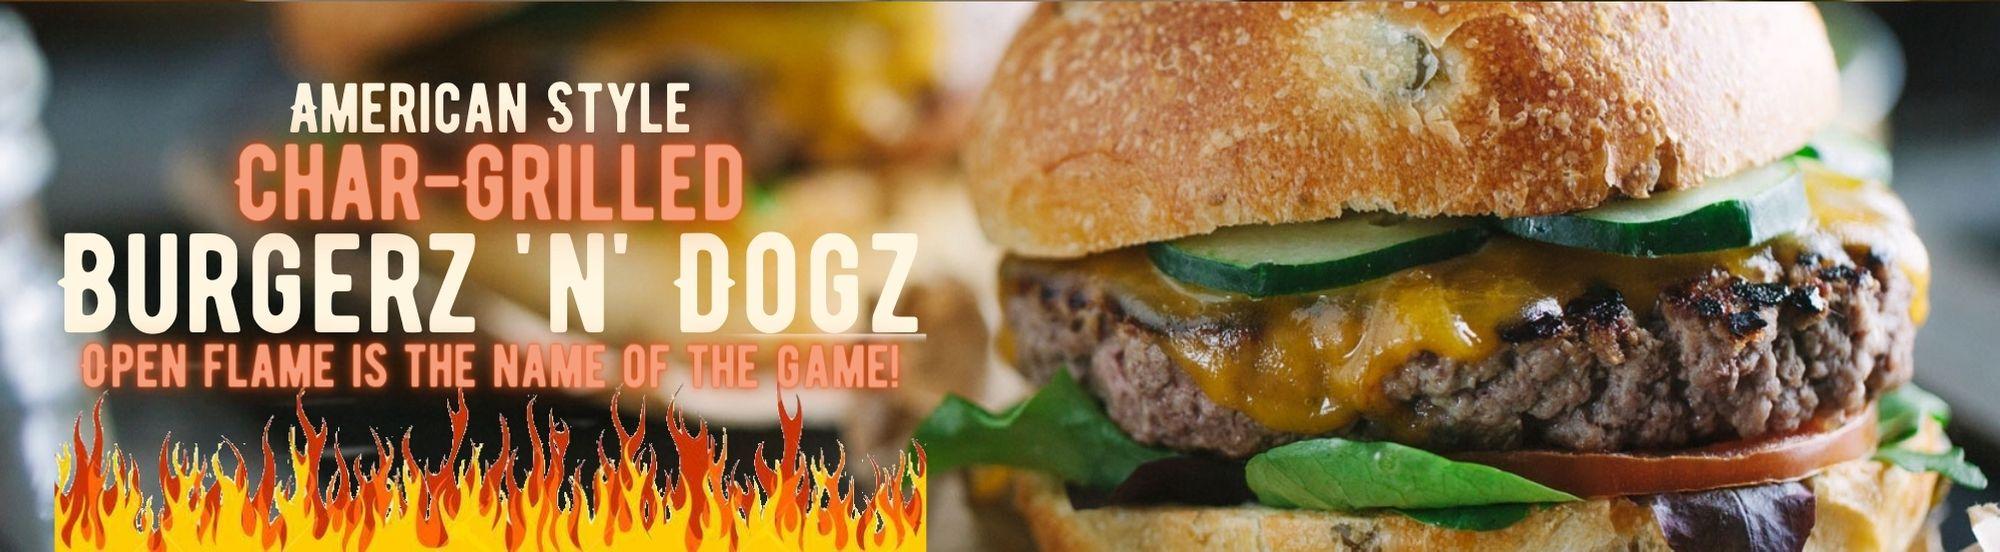 Burgerz 'n' Dogz